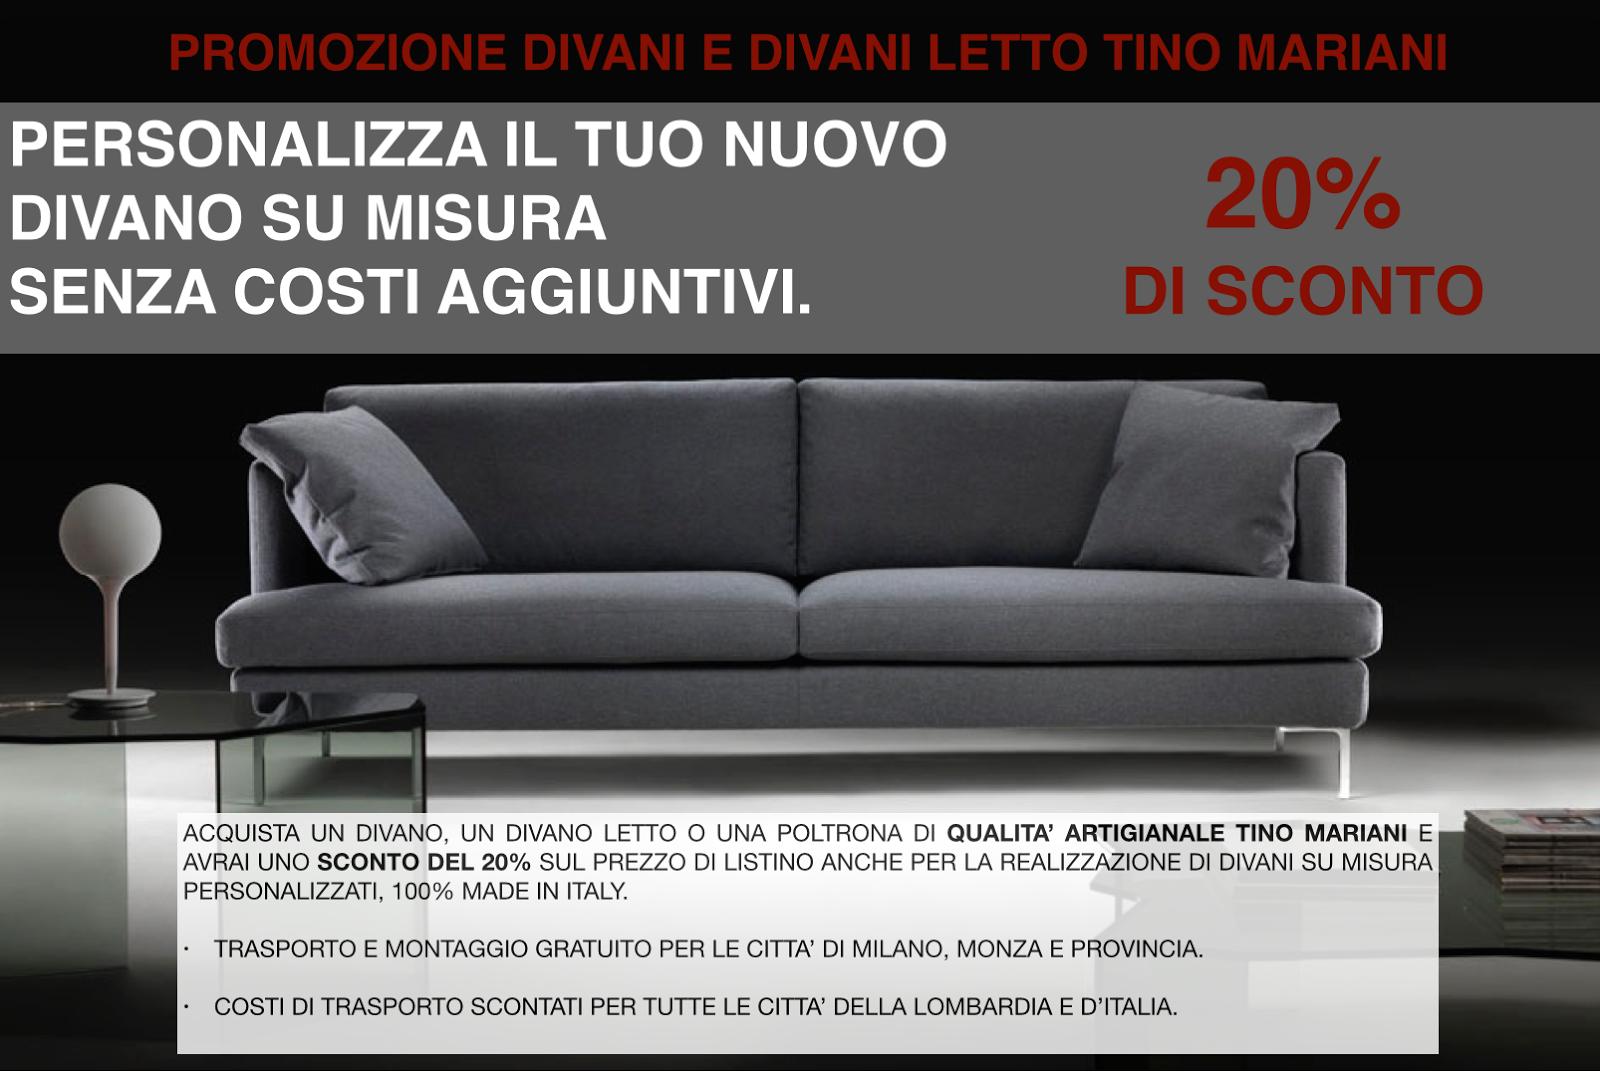 Promozioni Divani Letto - Idee per la progettazione di ...